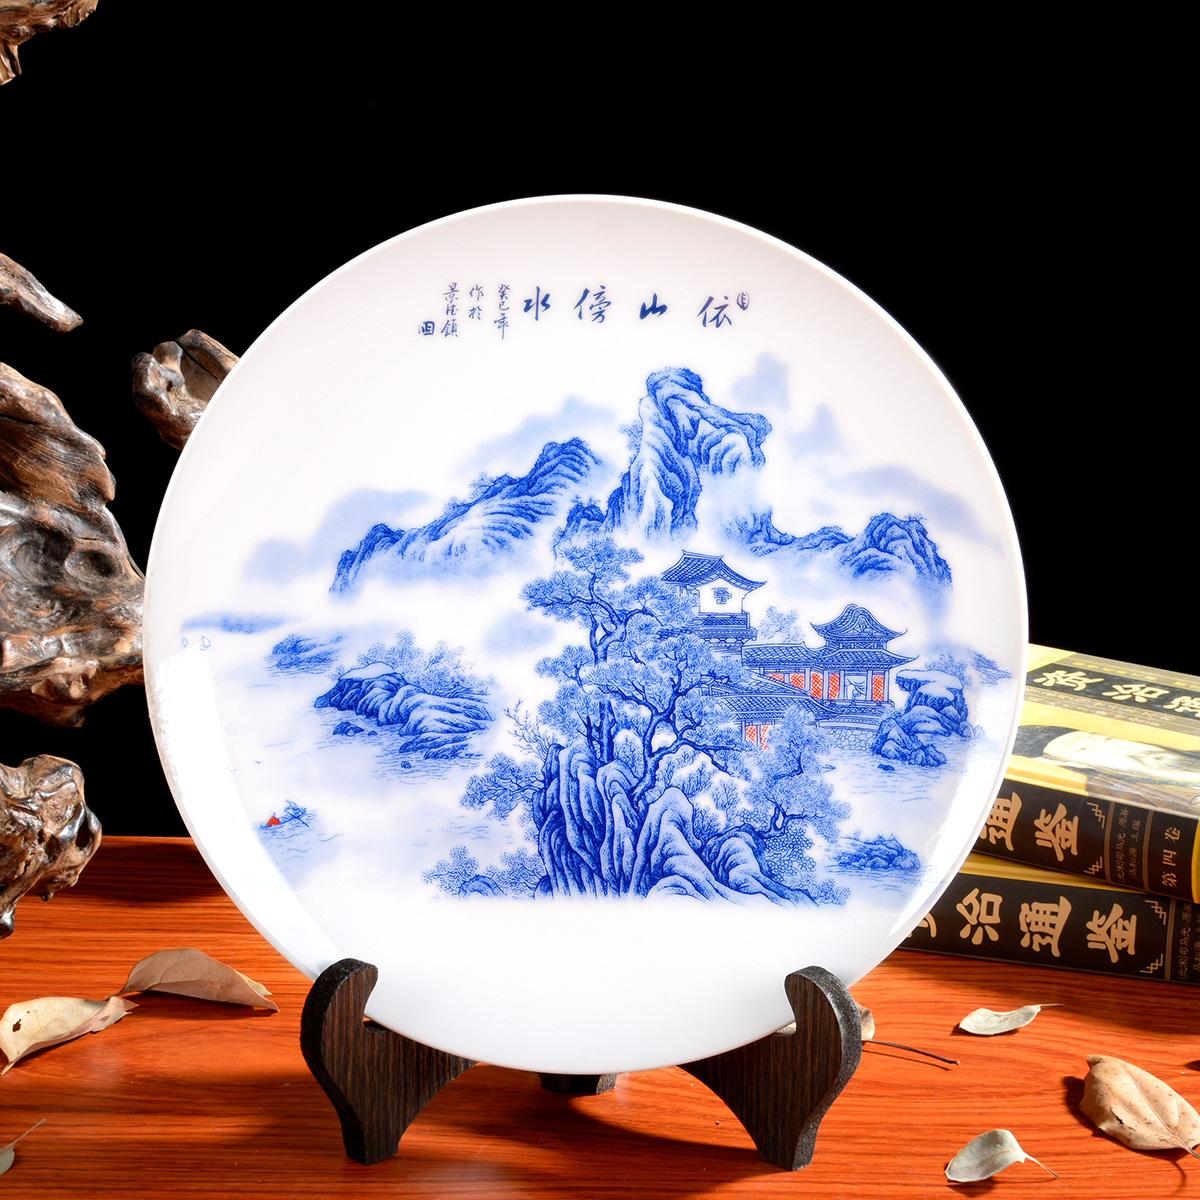 Вид мораль город керамика блюдо гостиная телевидение фон стена декоративный блюдо украшение домой украшения подарок в соответствии с гора Pong вода